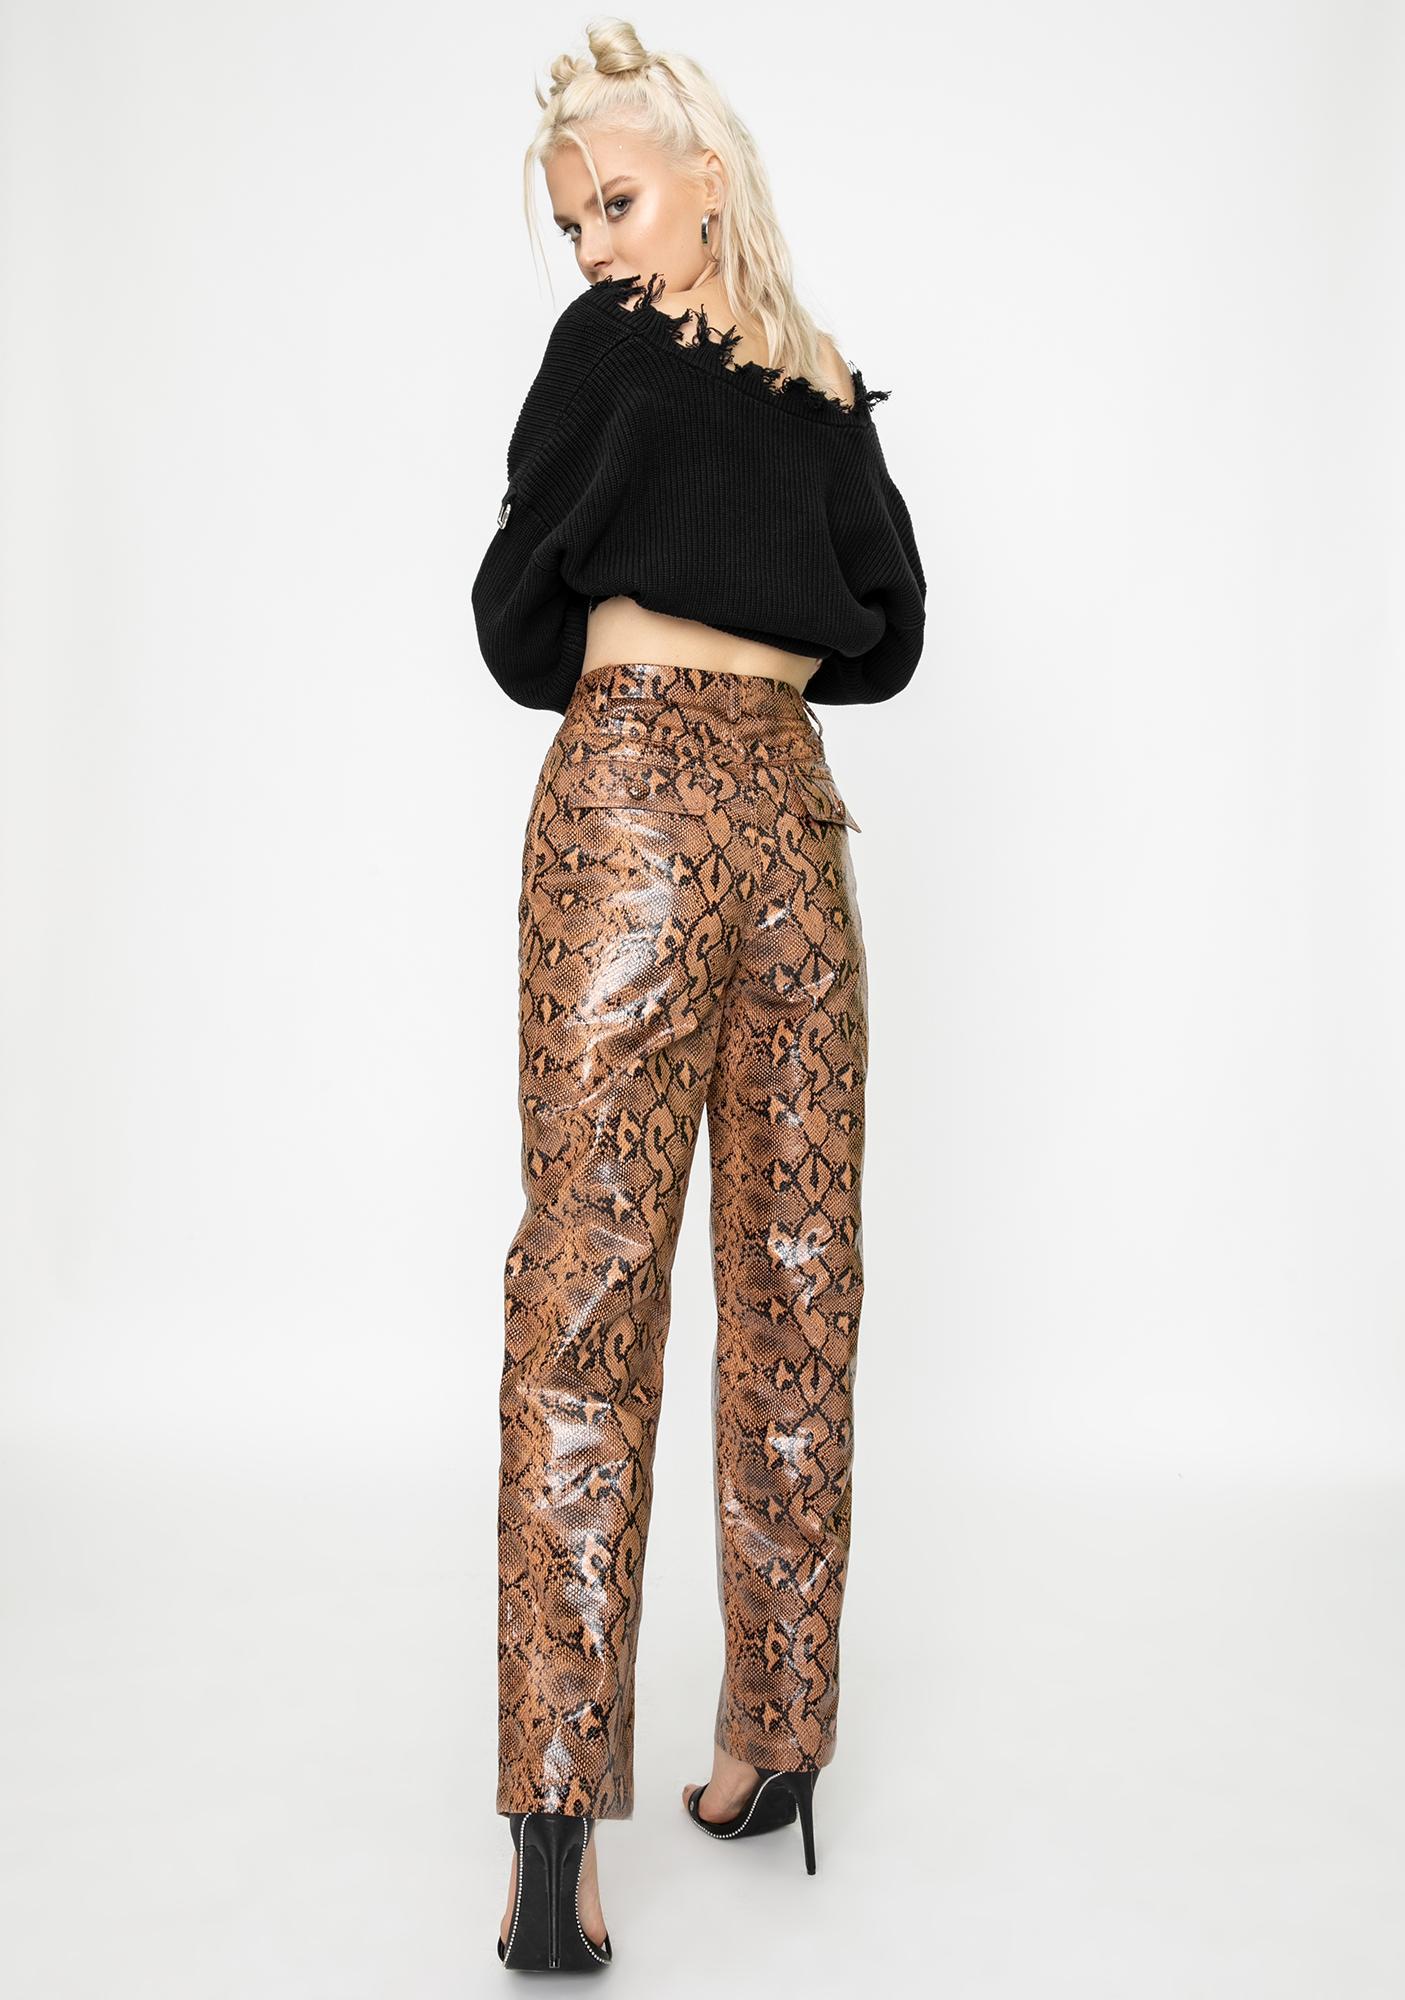 STEELE Slash Snakeskin Pants